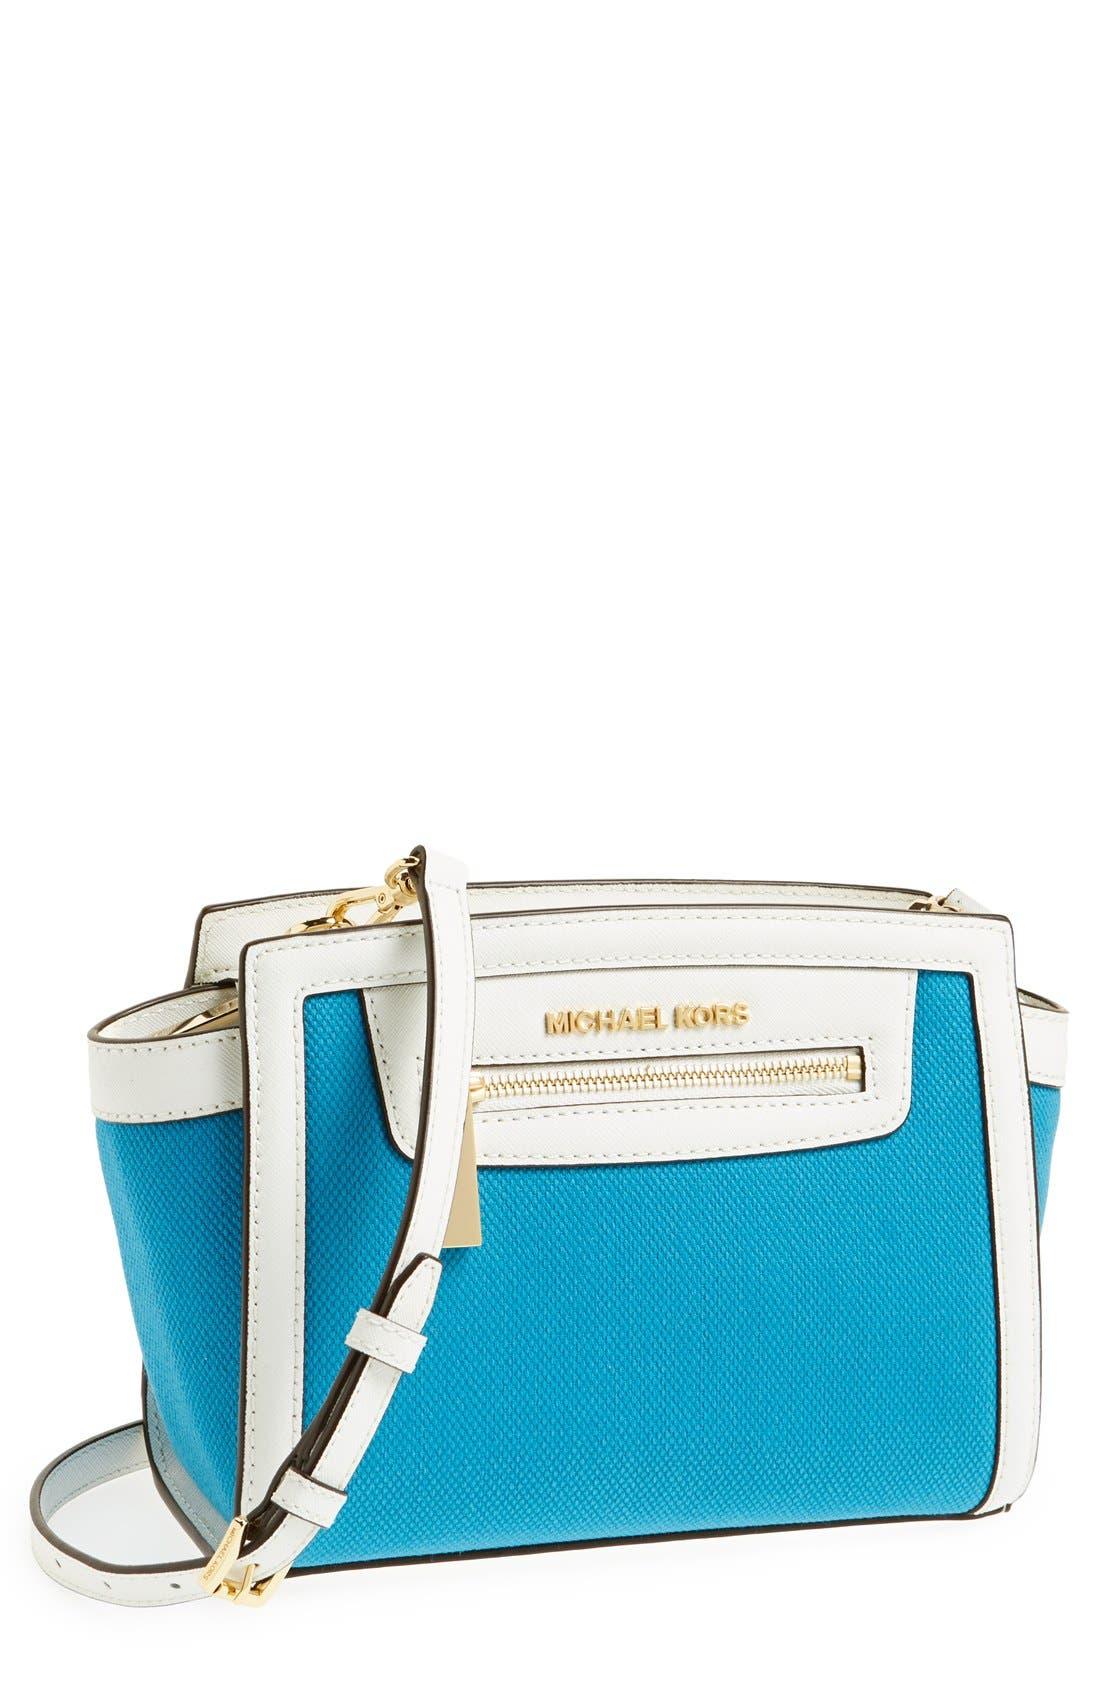 Alternate Image 1 Selected - MICHAEL Michael Kors 'Medium Selma' Messenger Bag